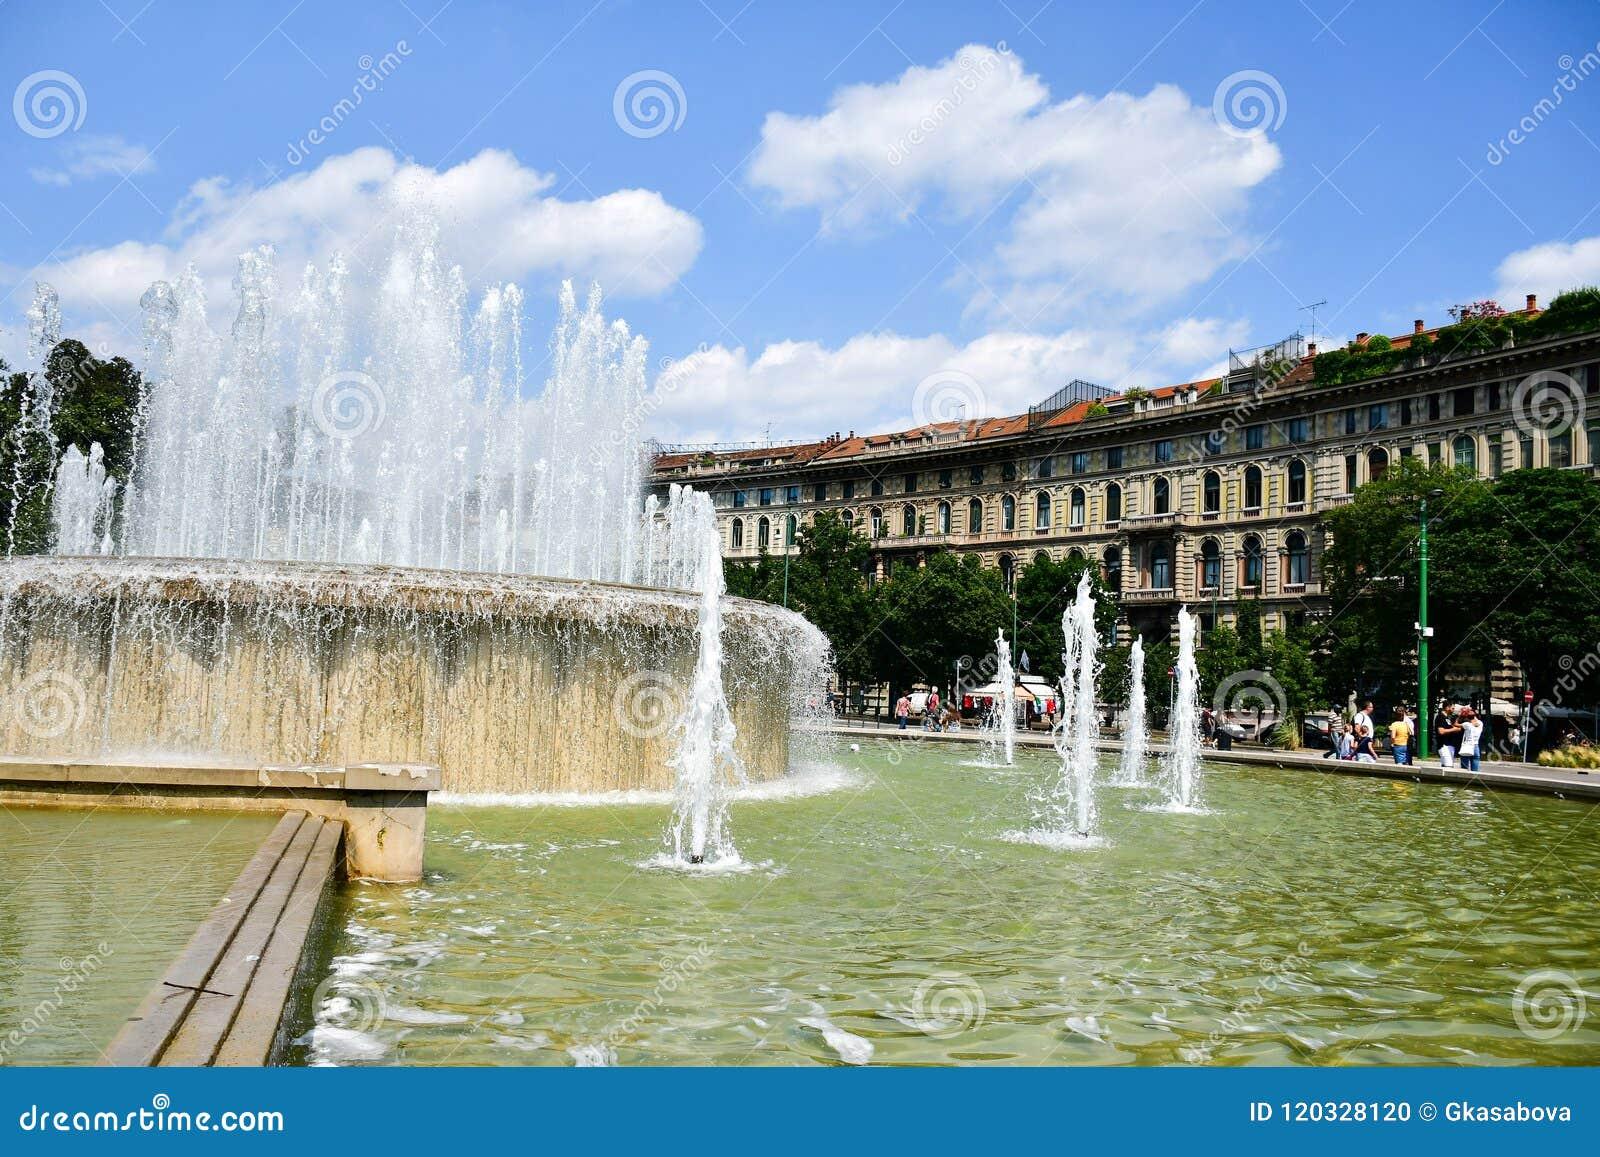 Fuente en Milán, Italia